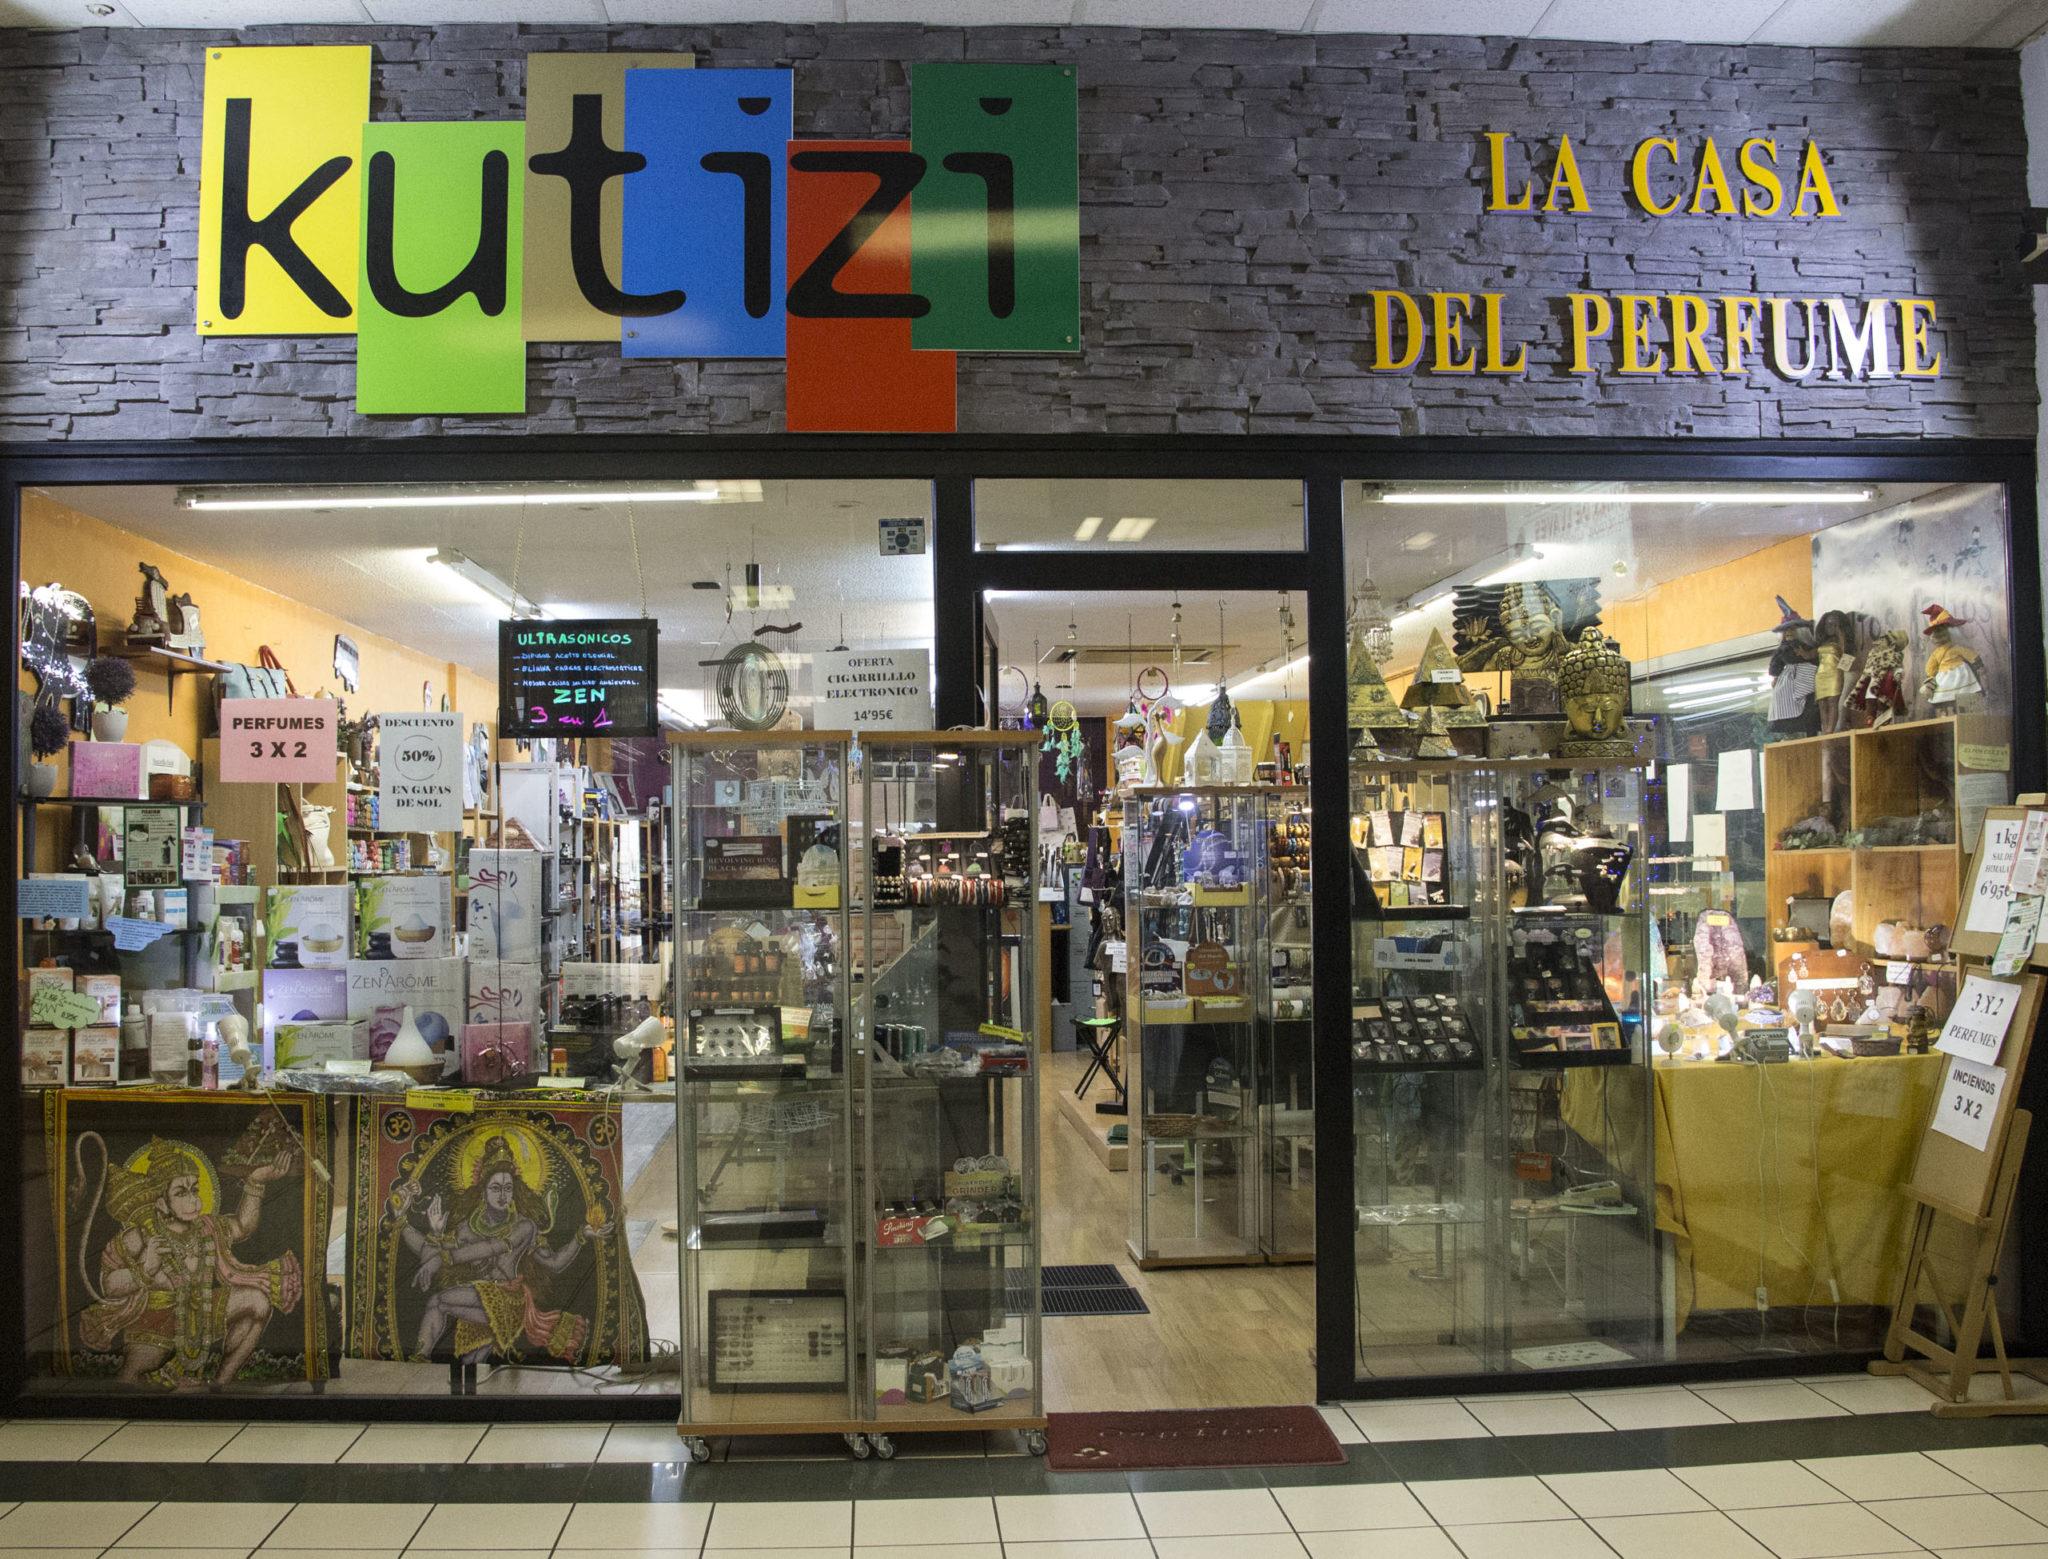 Productos naturales,minerales, perfumes y regalos originales